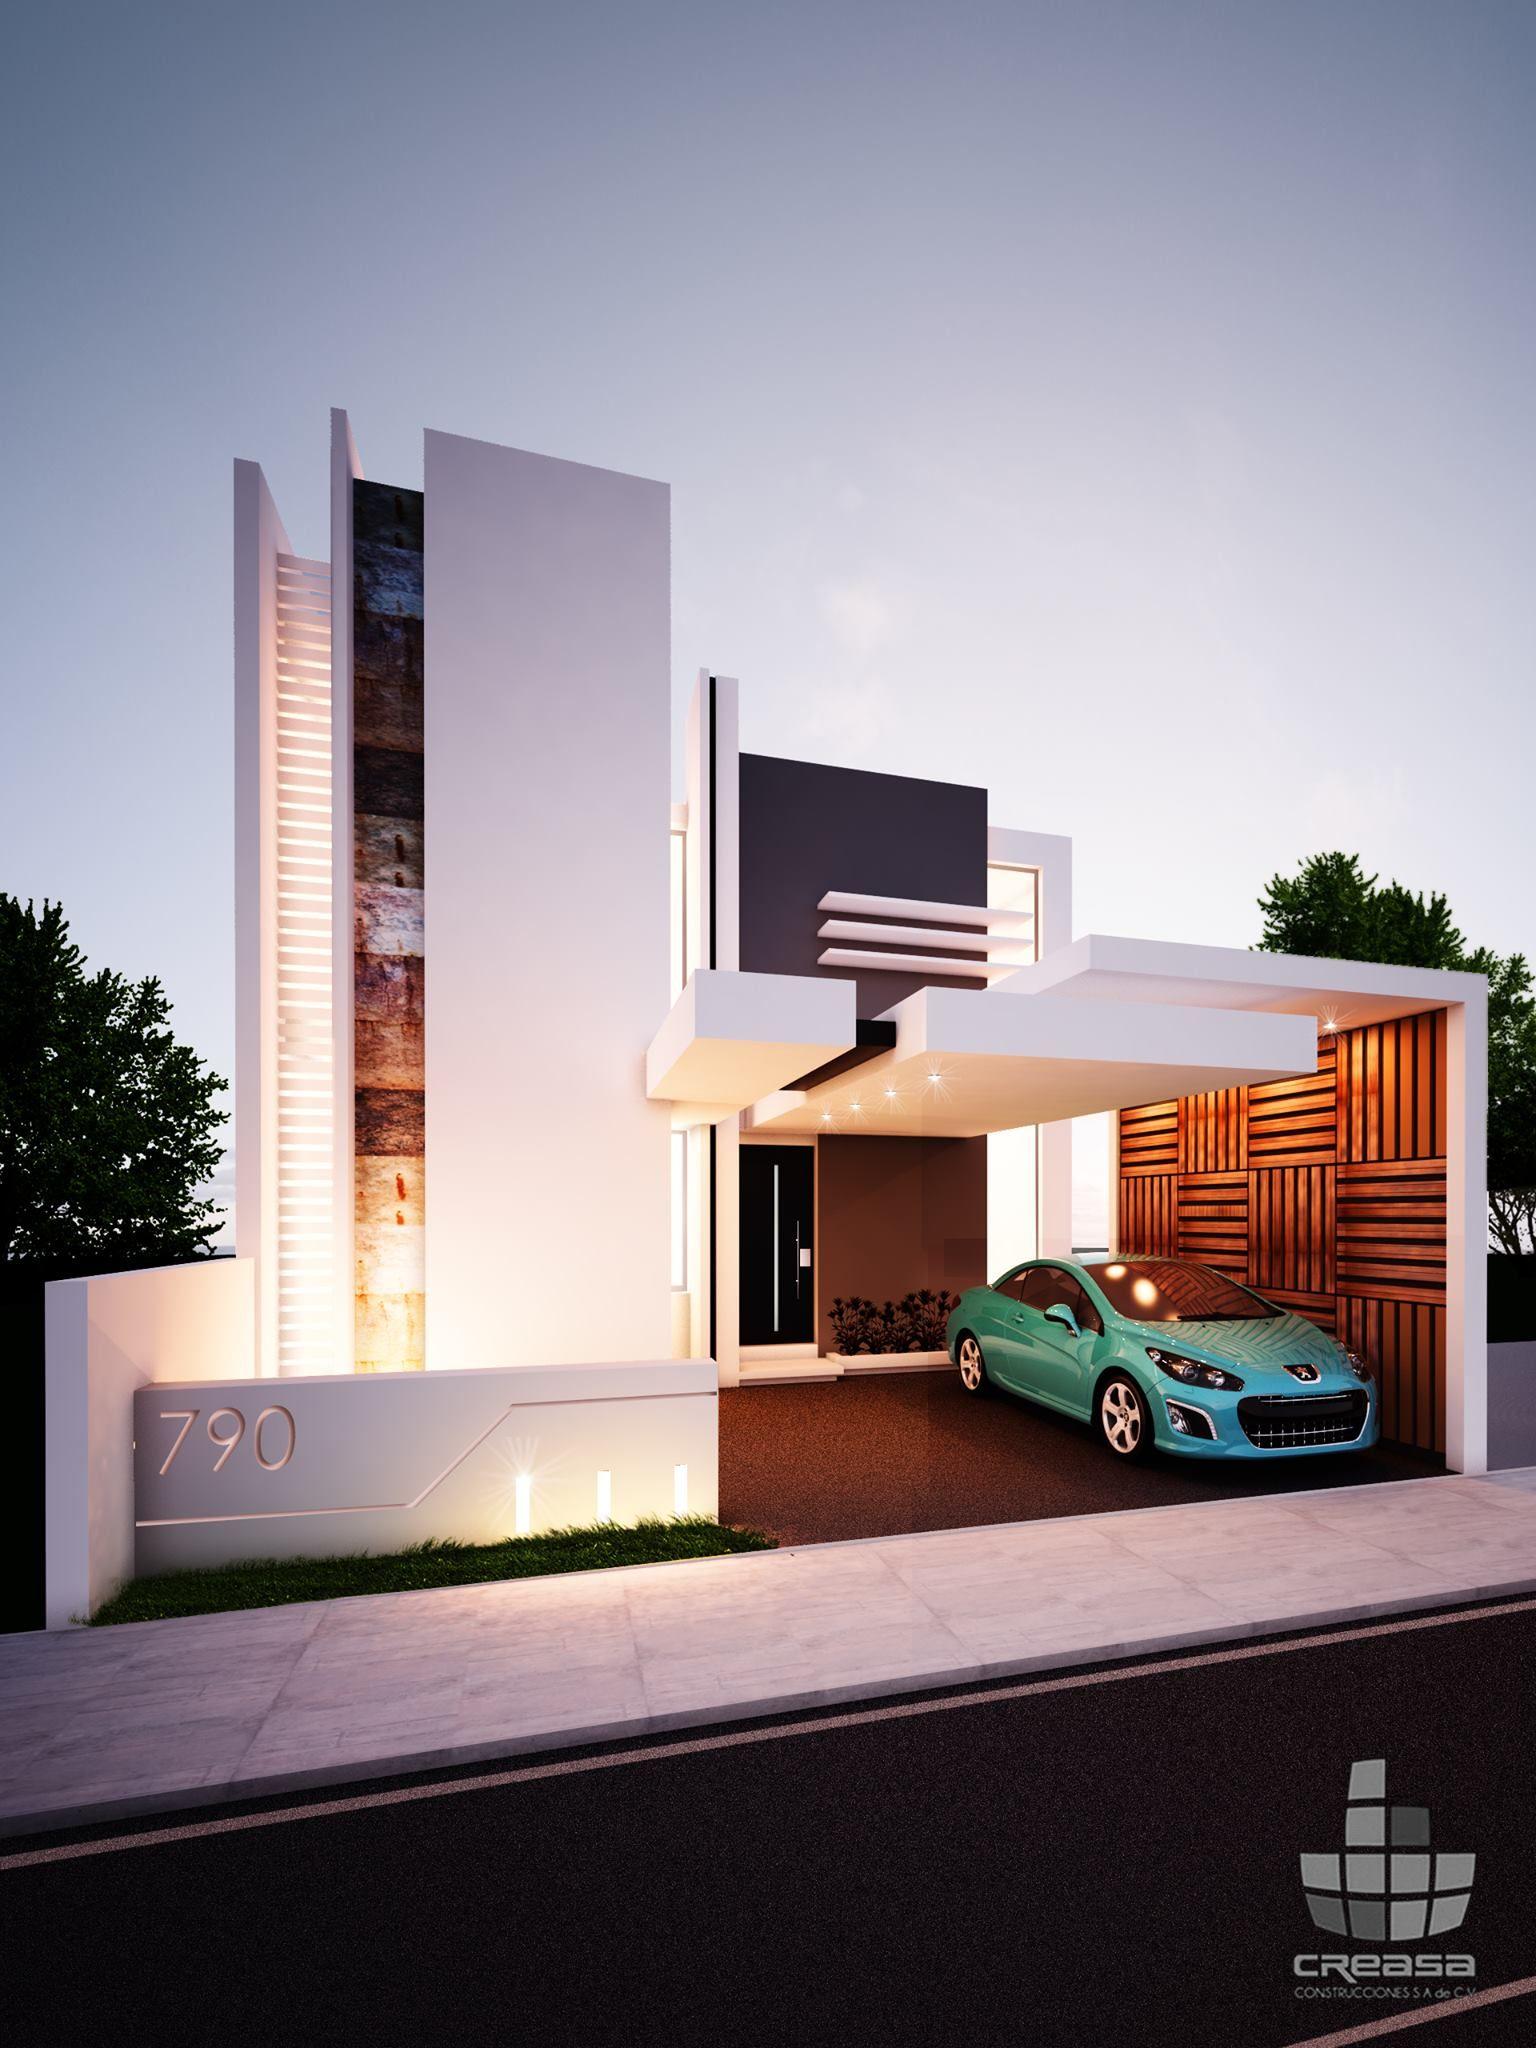 Creasa | House | Pinterest | Architektur, Hauseingang und Moderne häuser